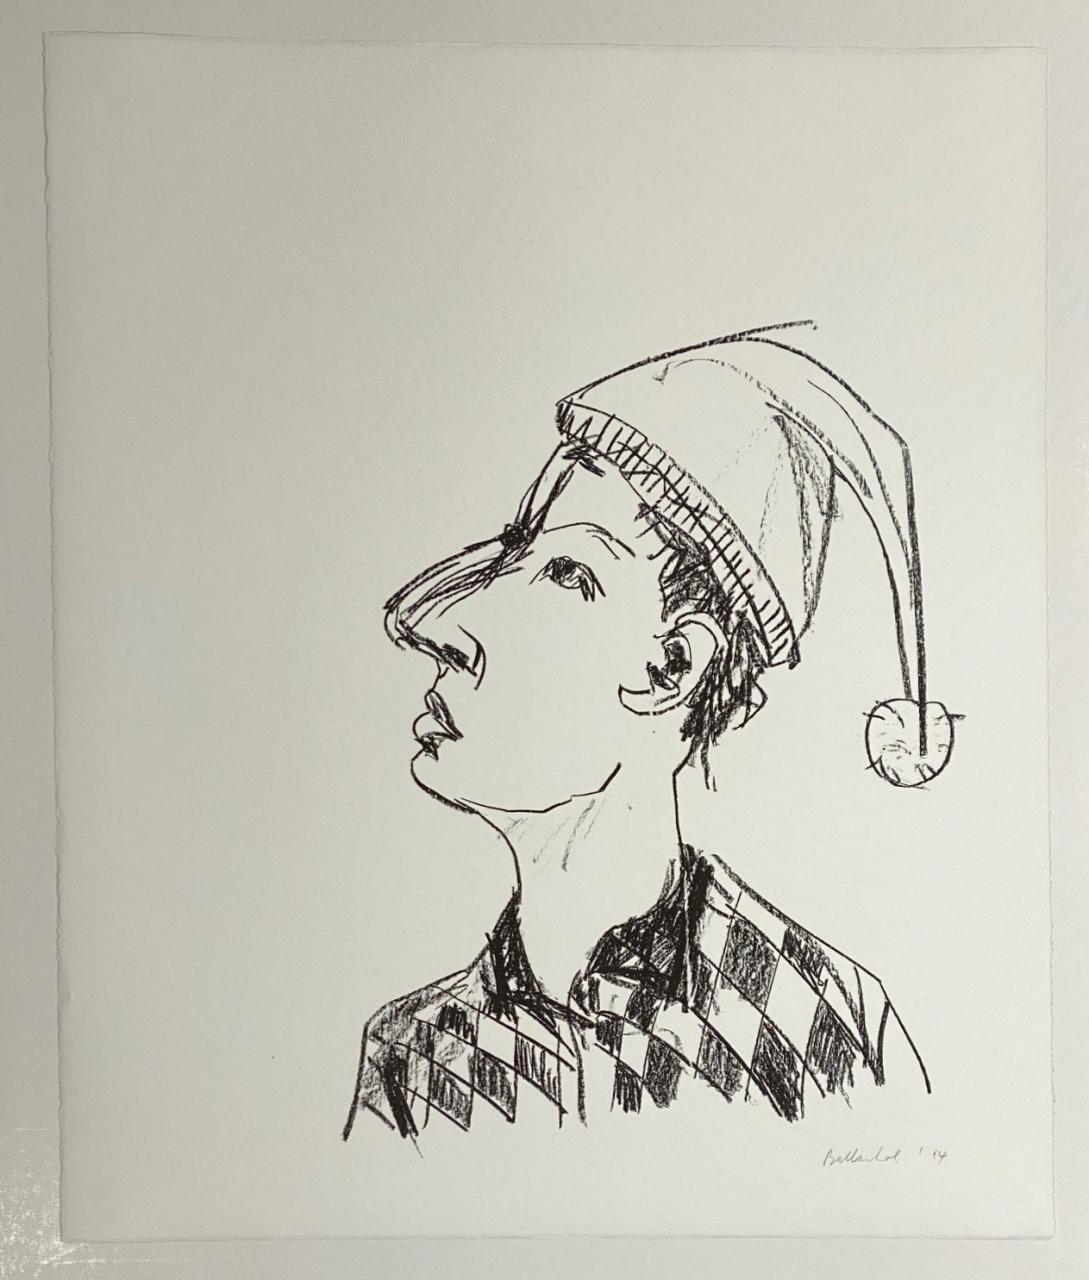 Mann mit Zipfelmütze